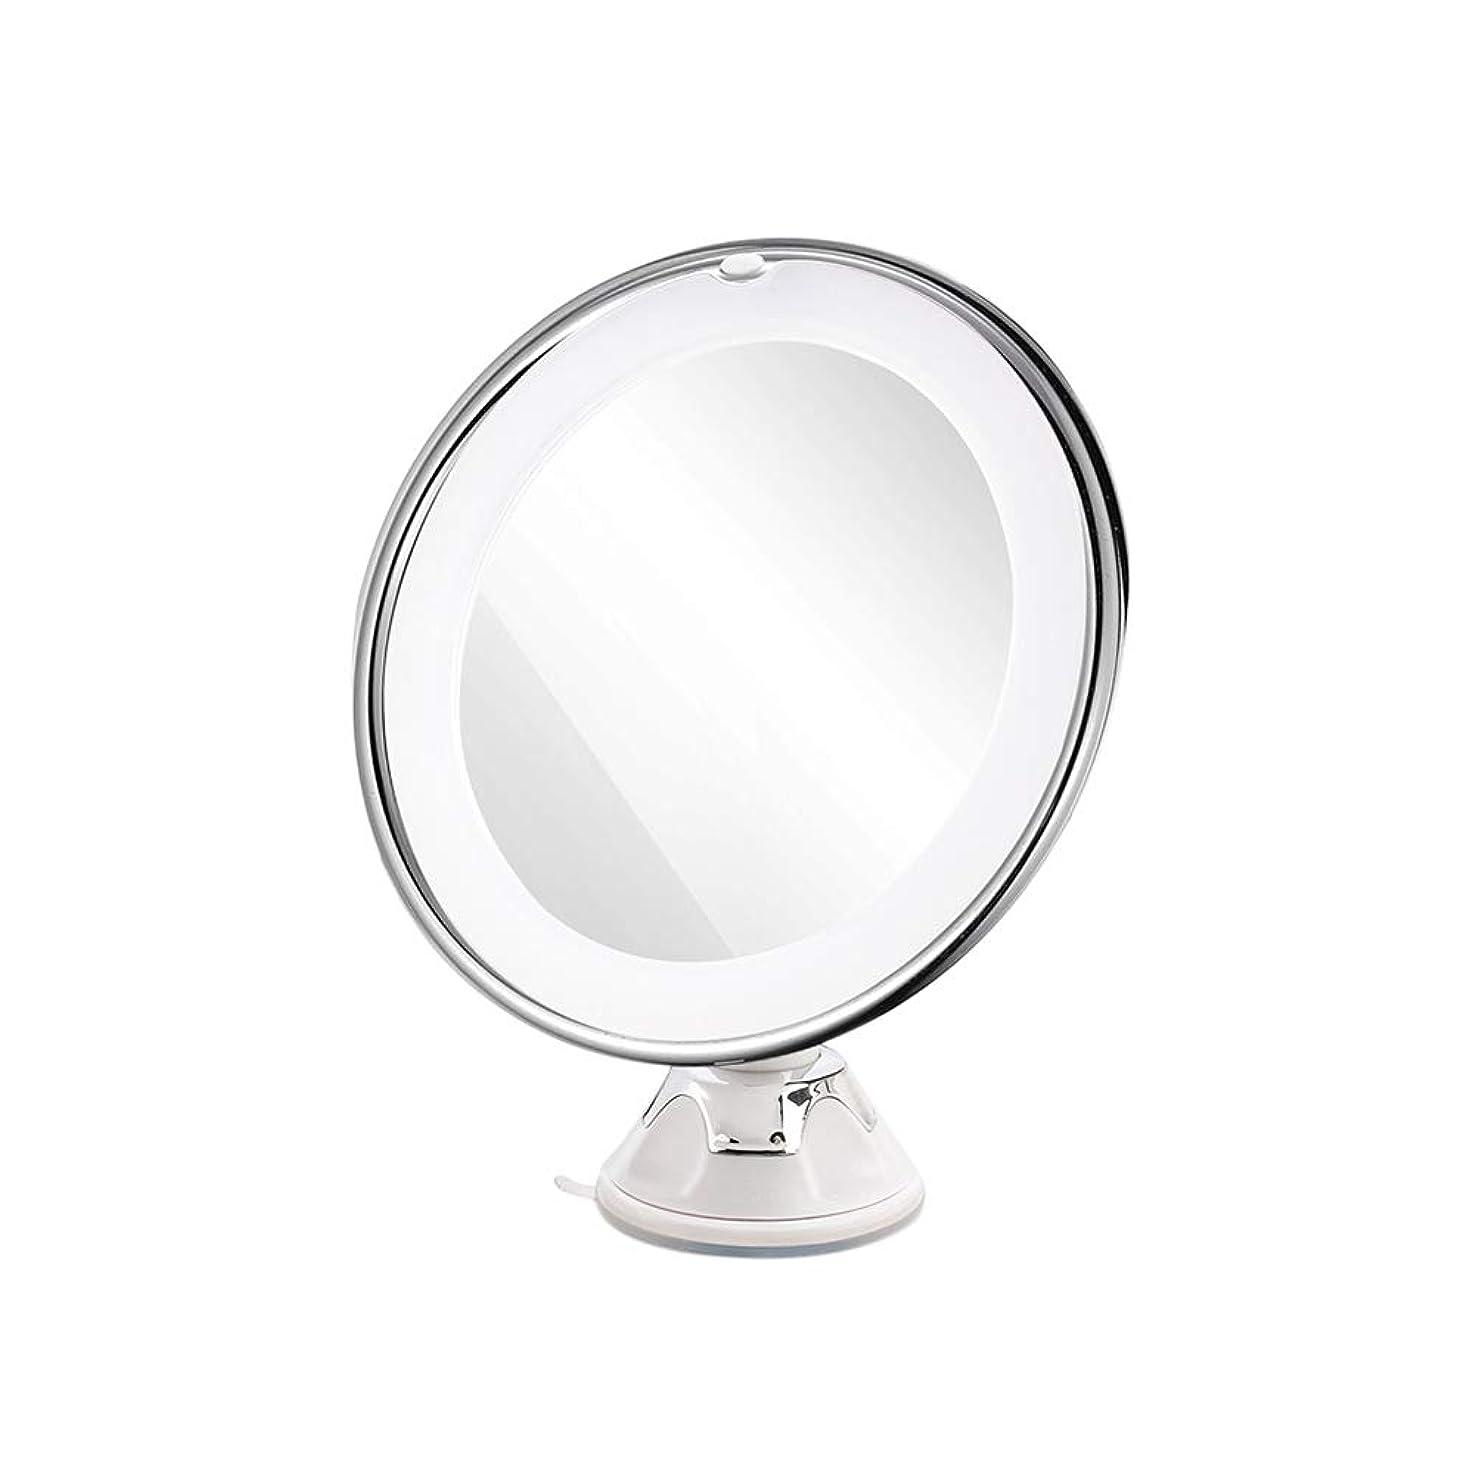 利得雰囲気荒らすFrcolor 化粧鏡 LED 7倍拡大鏡 浴室鏡 卓上ミラー 吸盤ロック付き スタンド/壁掛け両用 360度回転 スタンドミラー(ホワイト)